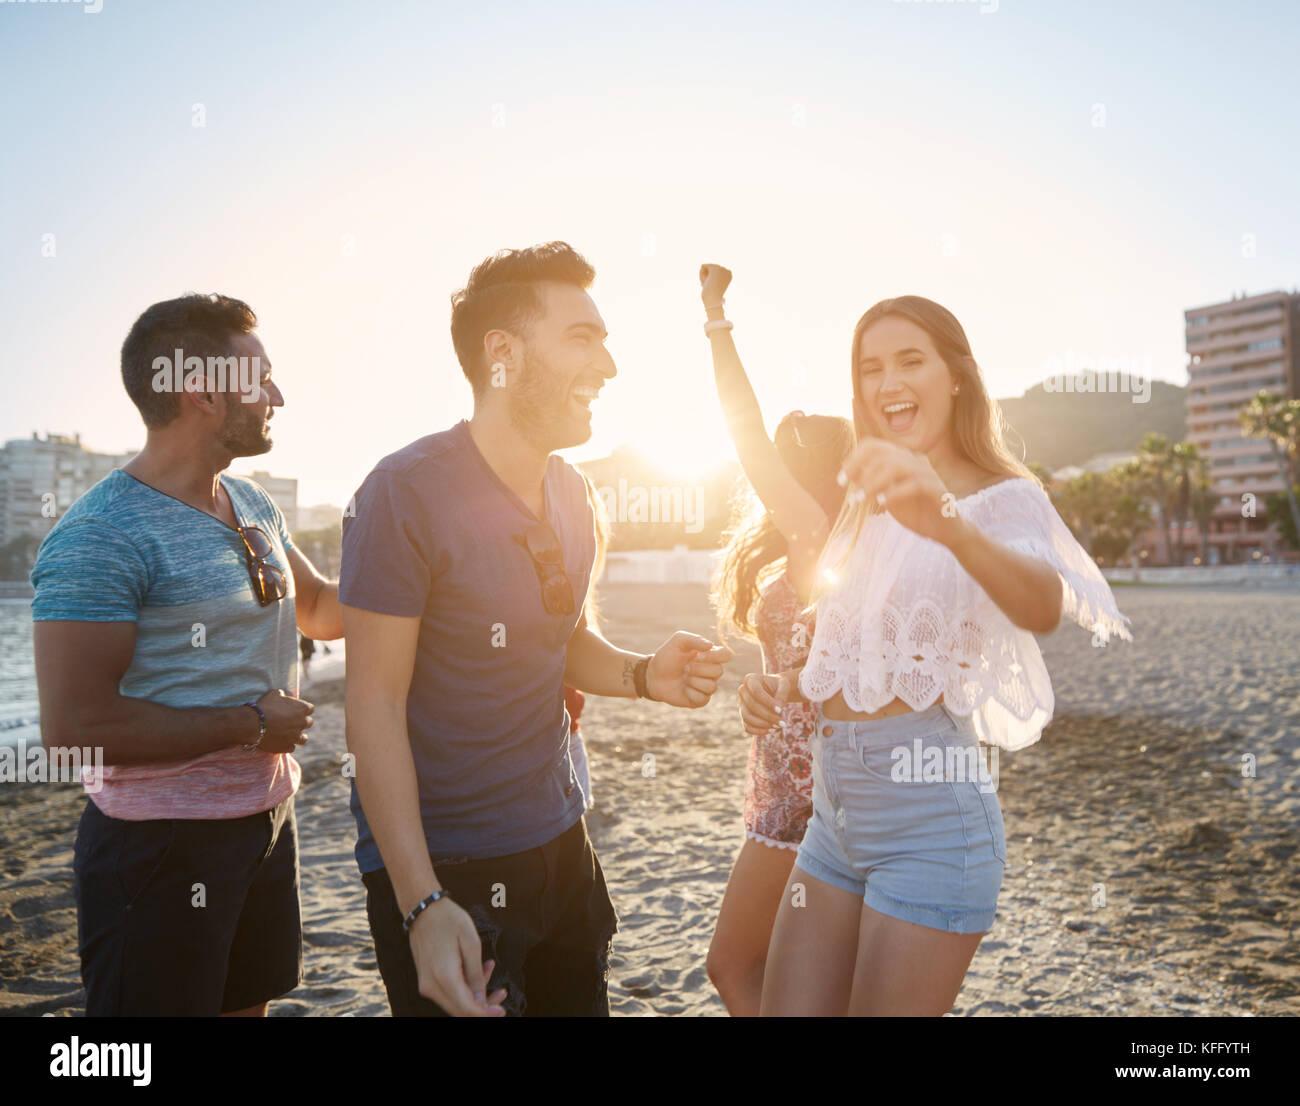 Ritratto di giovane donna graziosa ballare con gli amici sulla spiaggia Immagini Stock